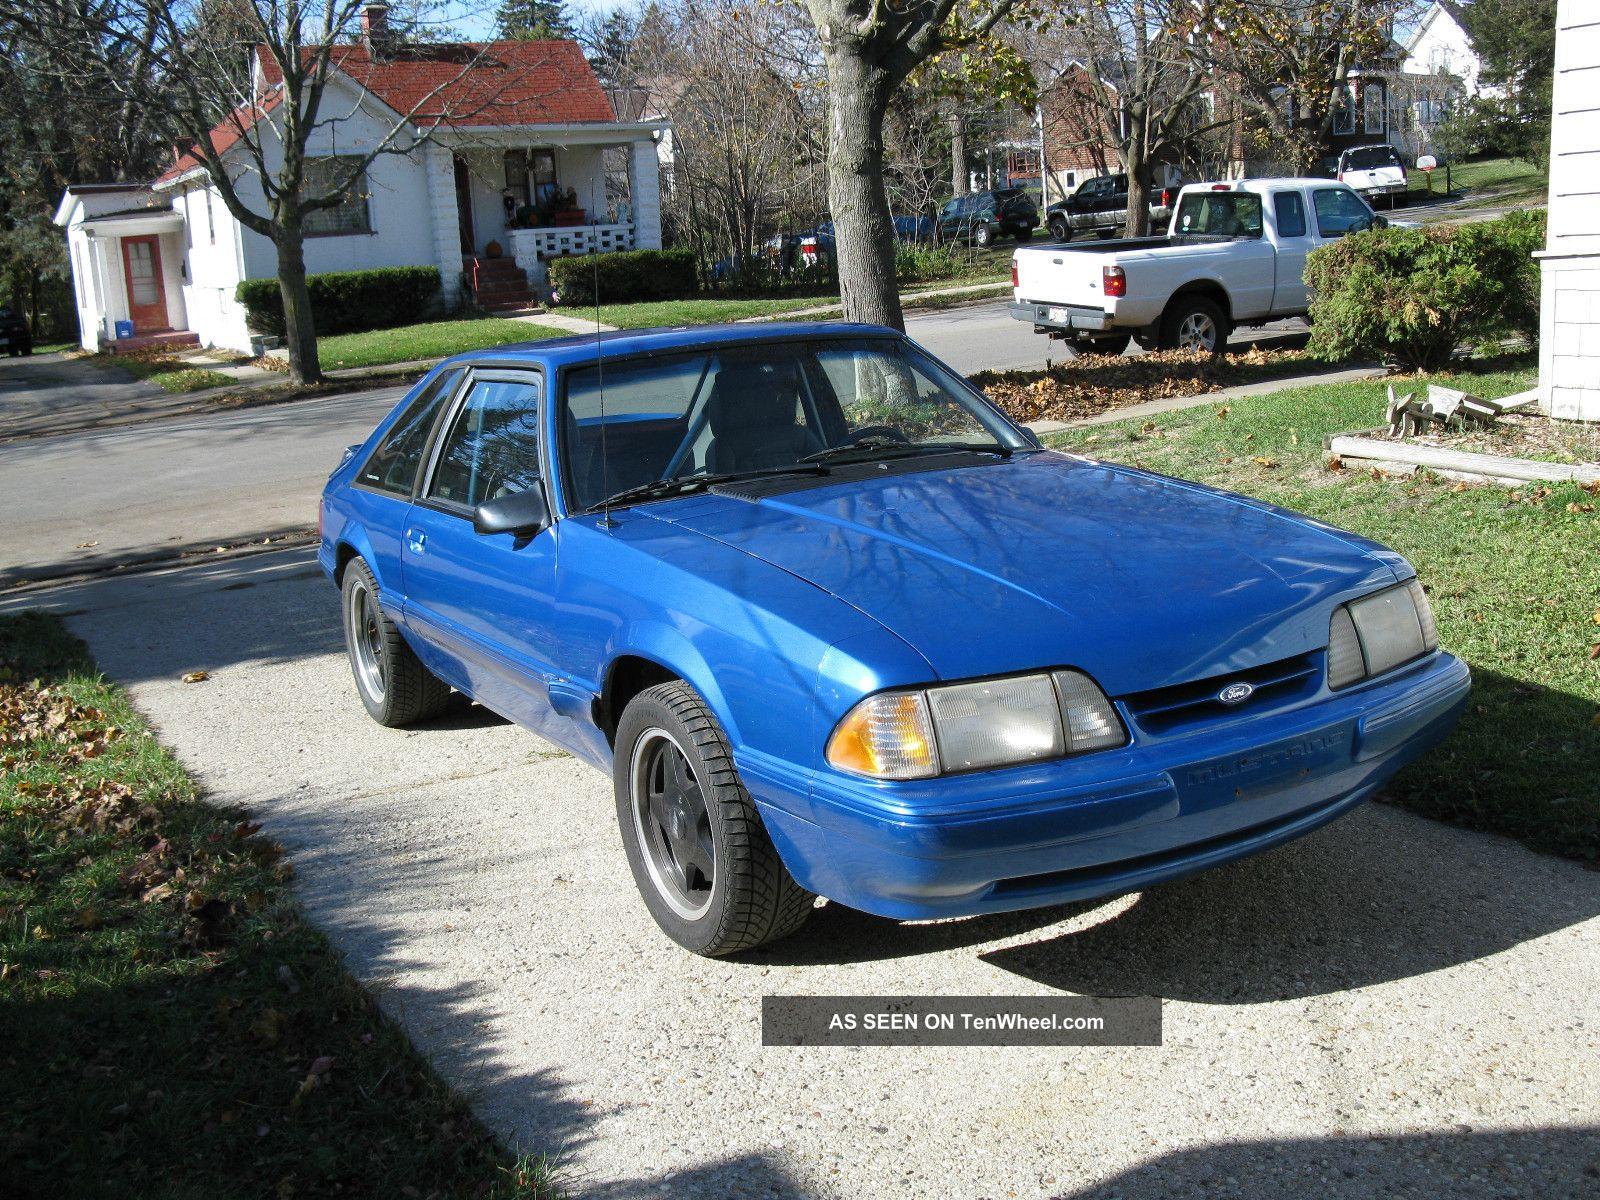 1989 ford mustang lx 5 0 l hatchback very fast. Black Bedroom Furniture Sets. Home Design Ideas